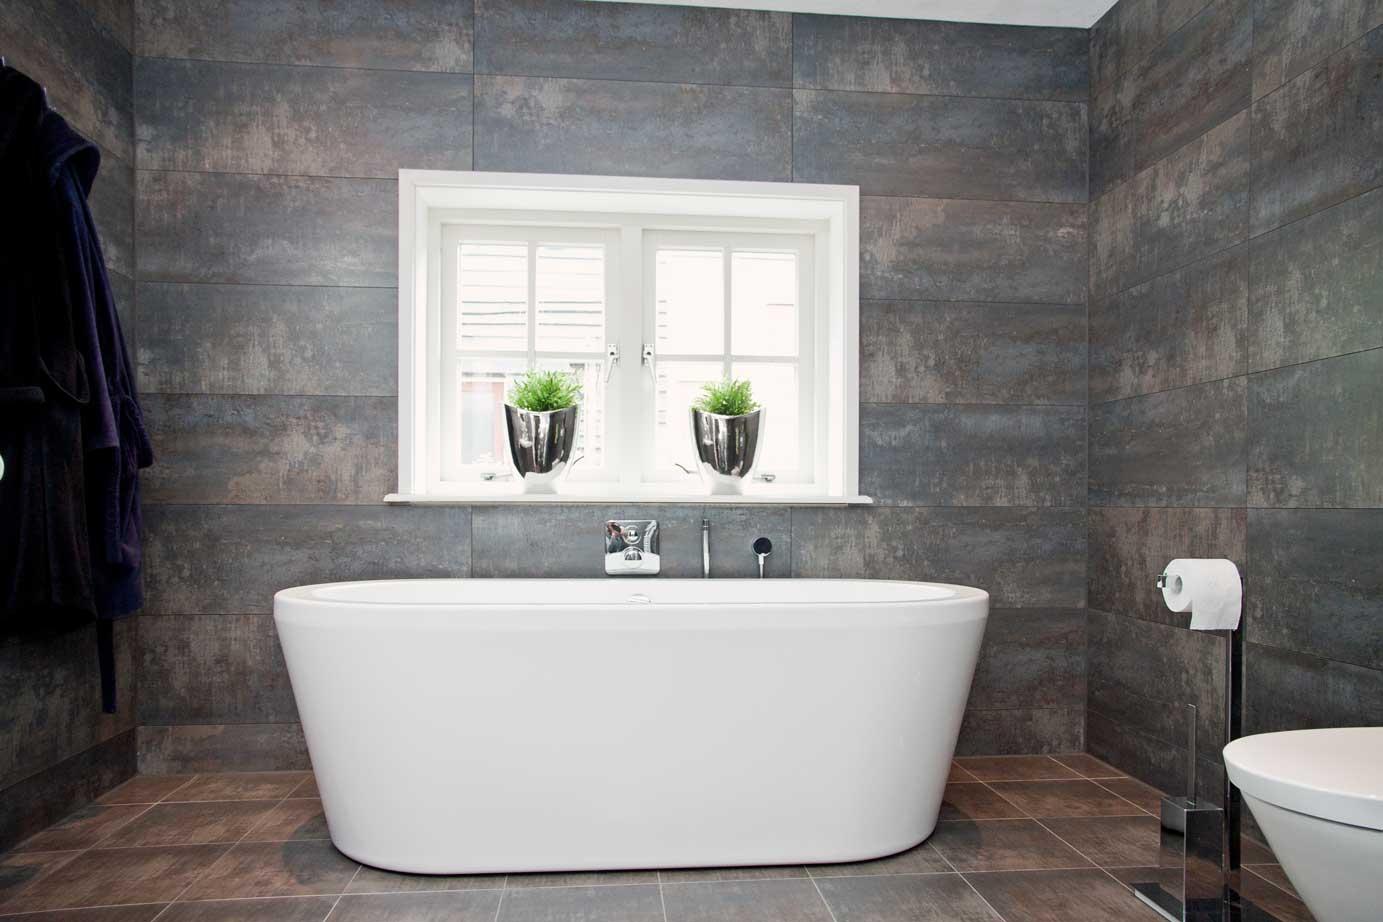 Vaak Wandtegels voor de badkamer en keuken - DB Keukens PG66